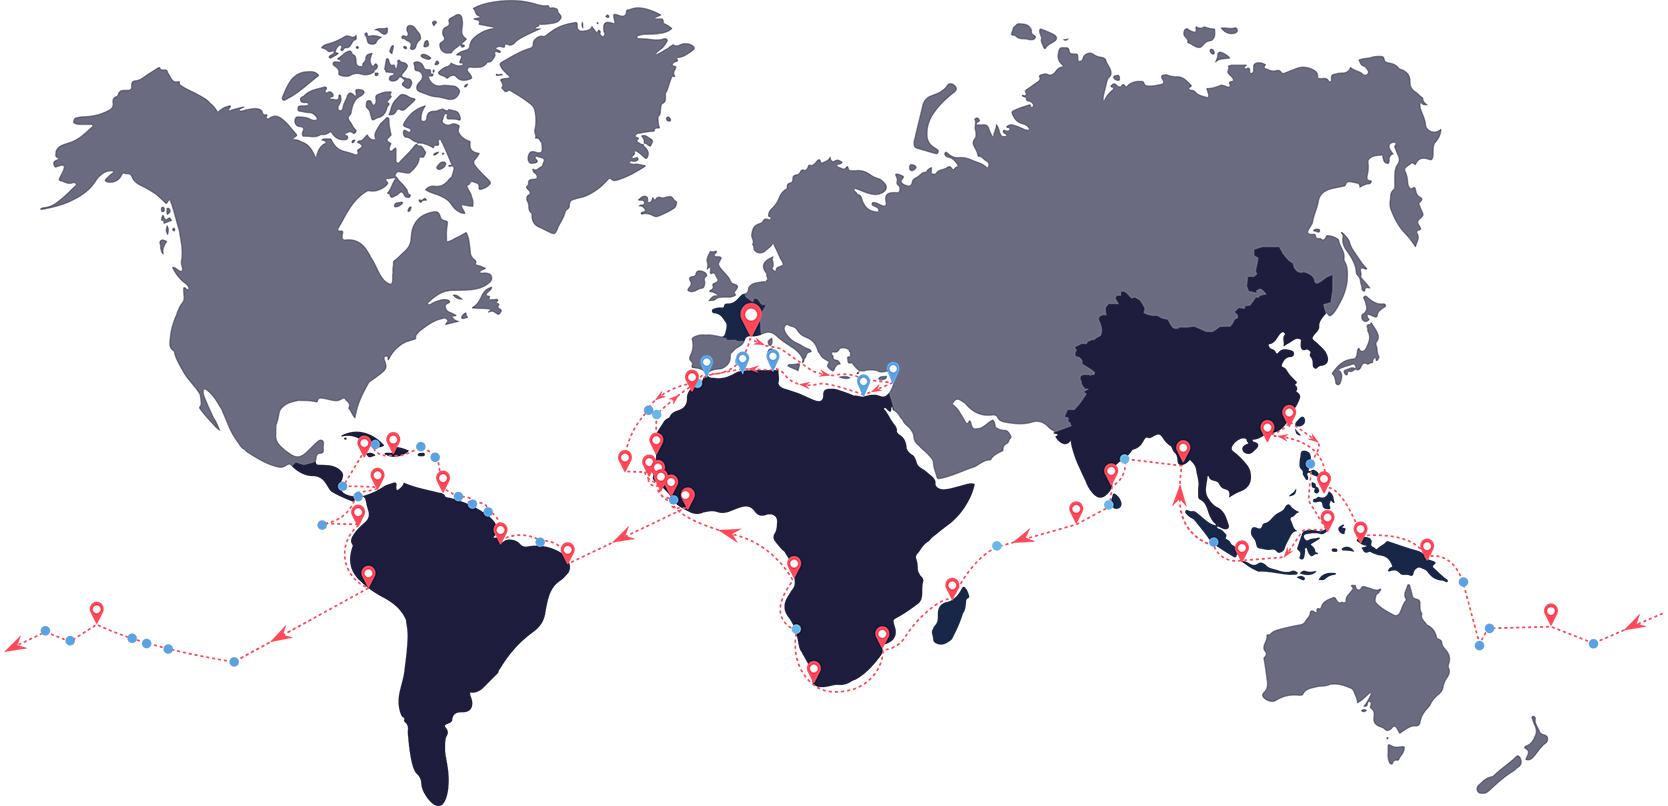 Carte de l'expédition autour du monde de Plastic Odyssey